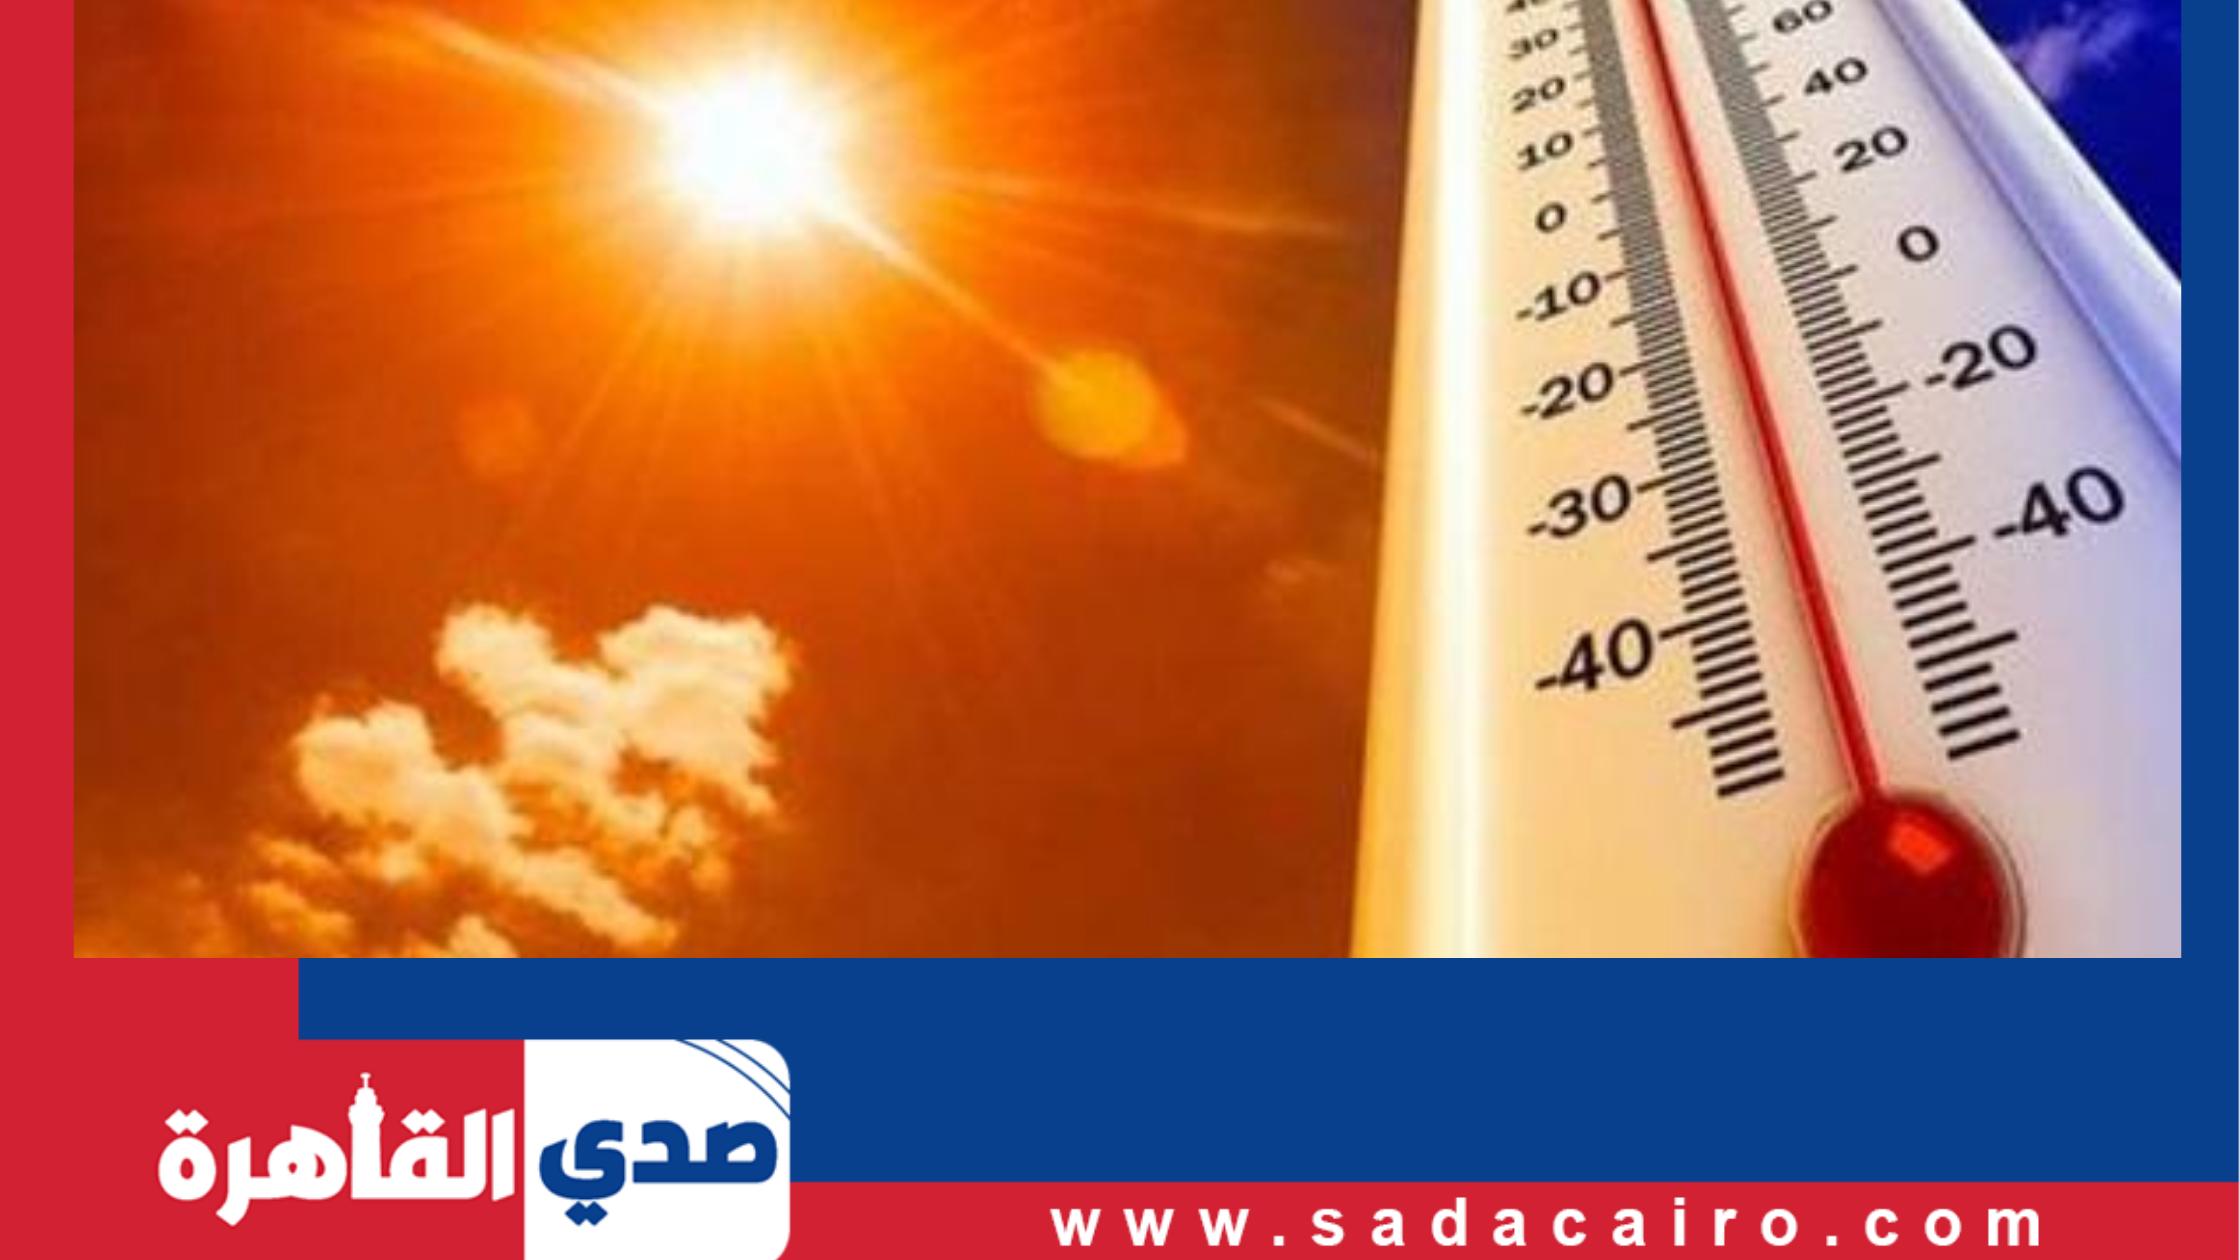 الهيئة العامة للأرصاد الجوية تكشف حالة الطقس خلال الأيام القادمة